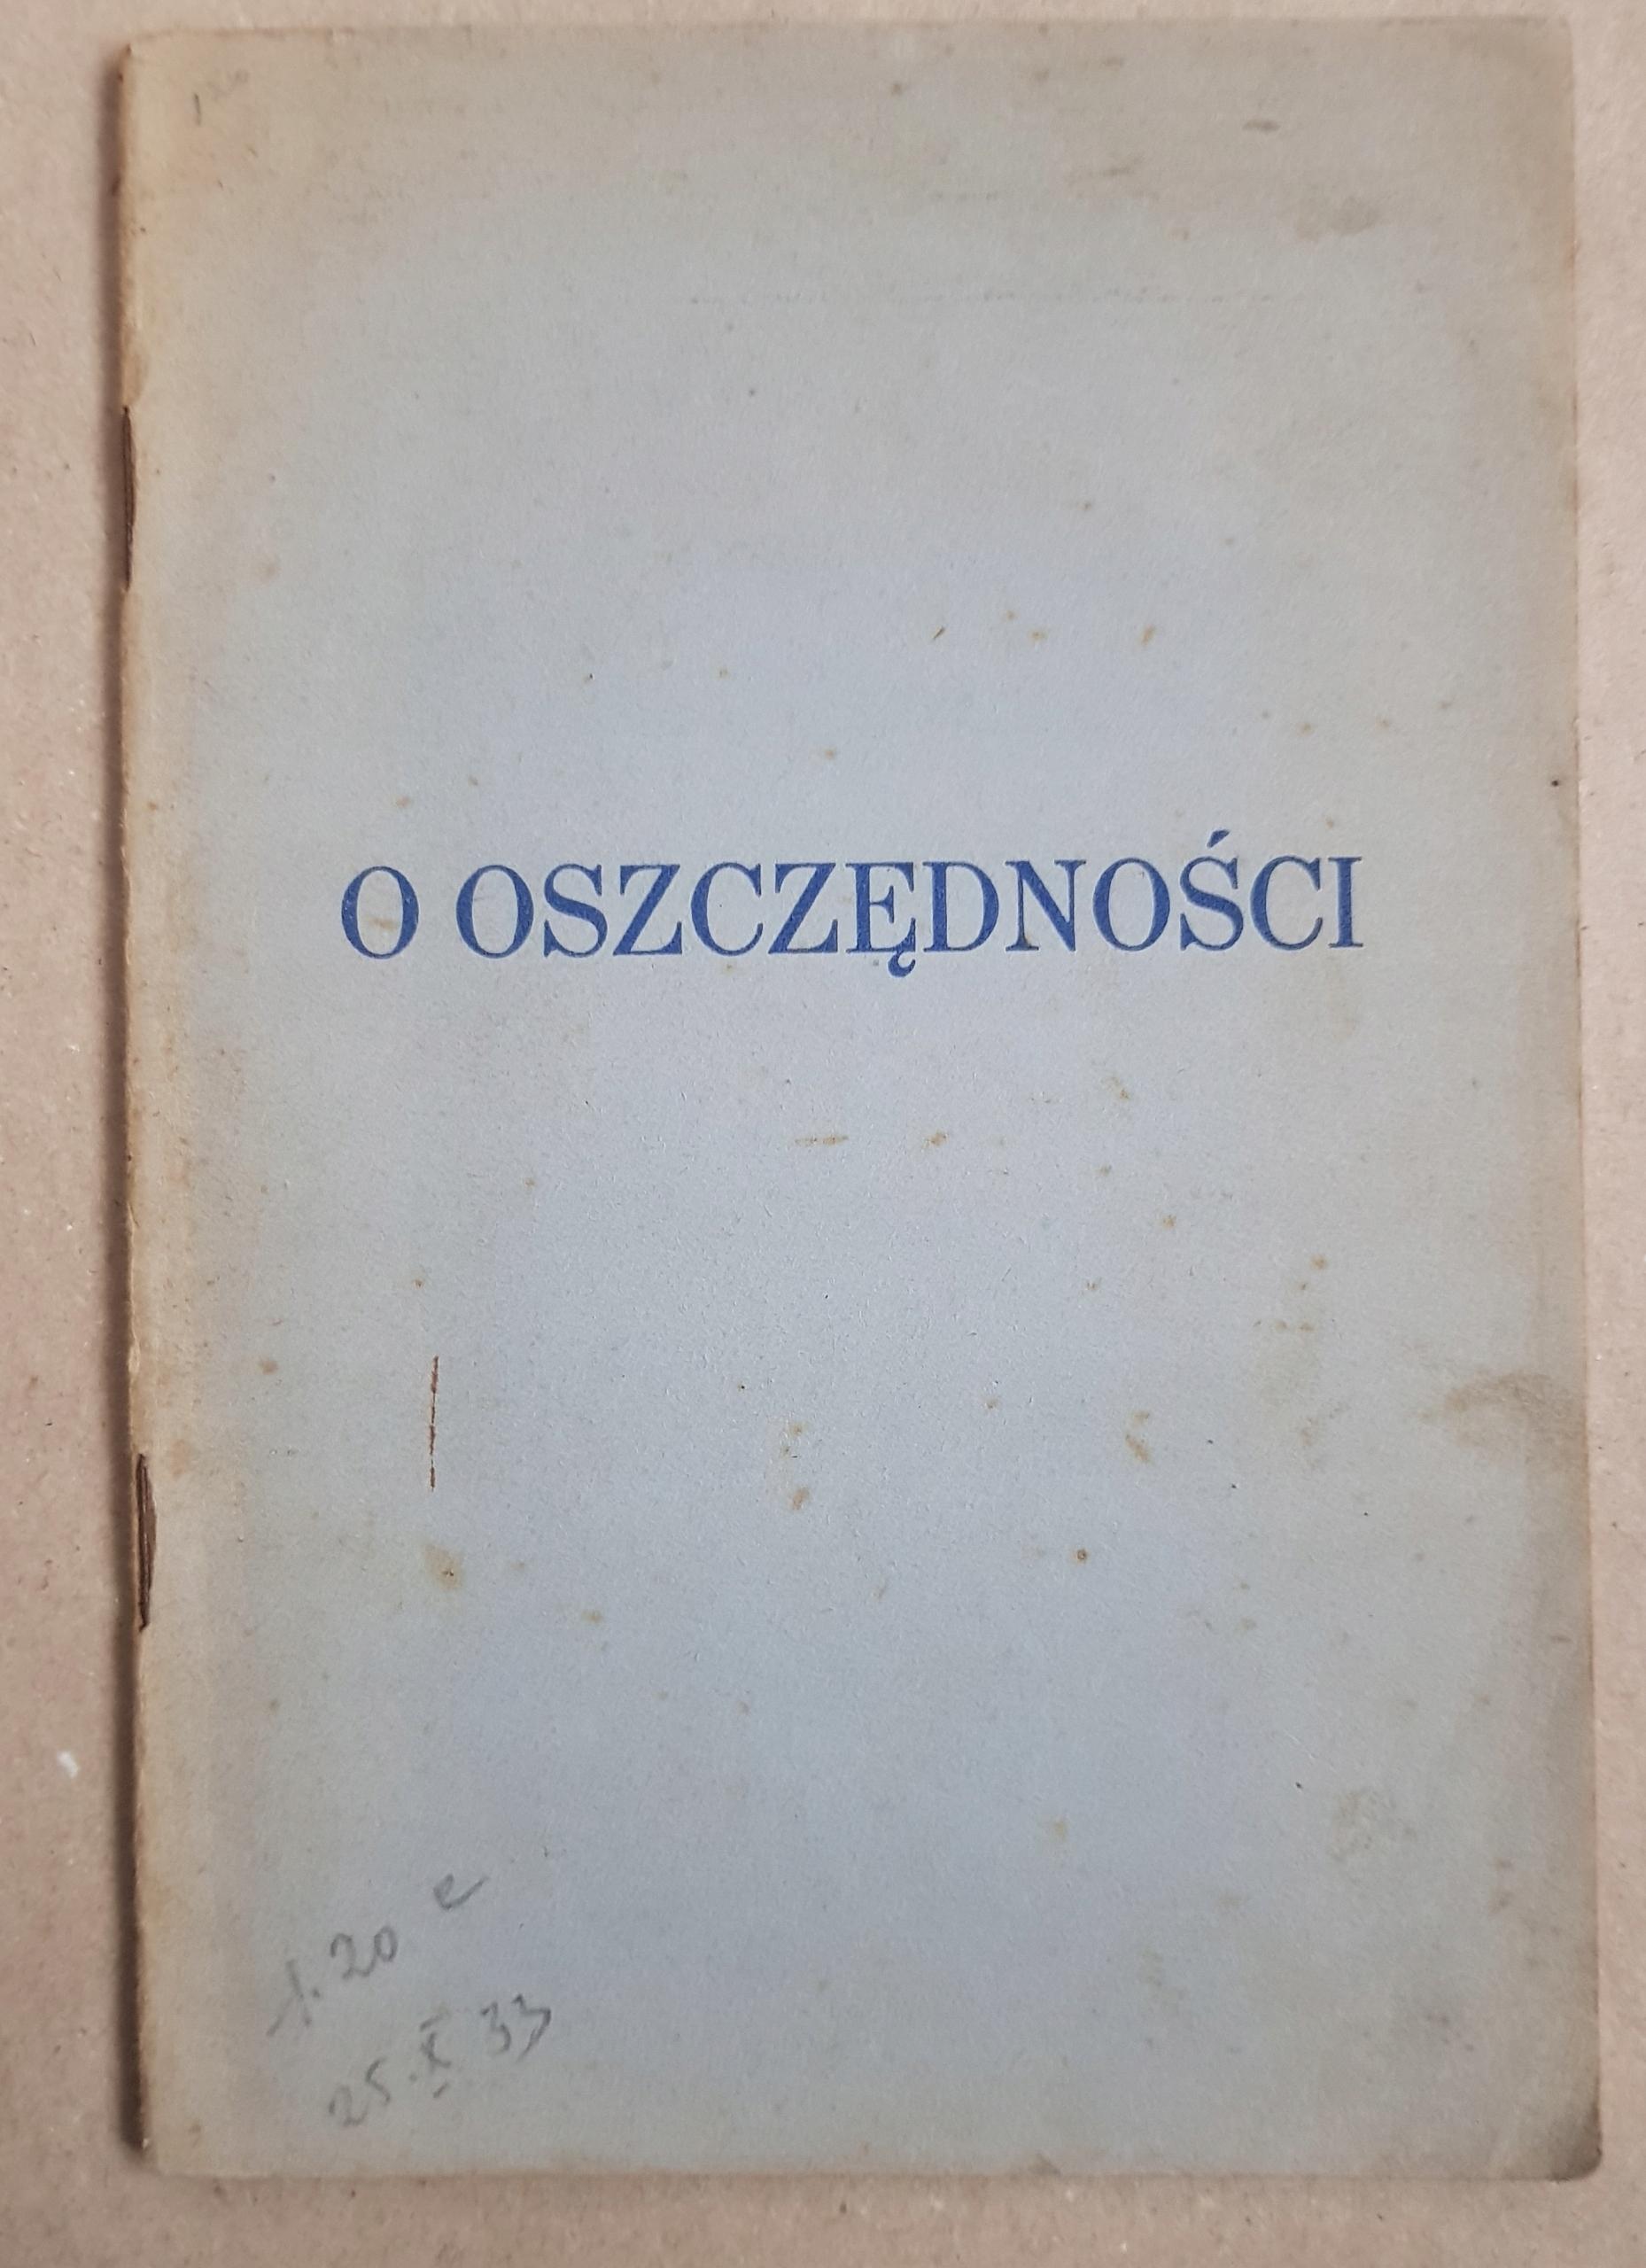 x. Makłowicz- O oszczędności